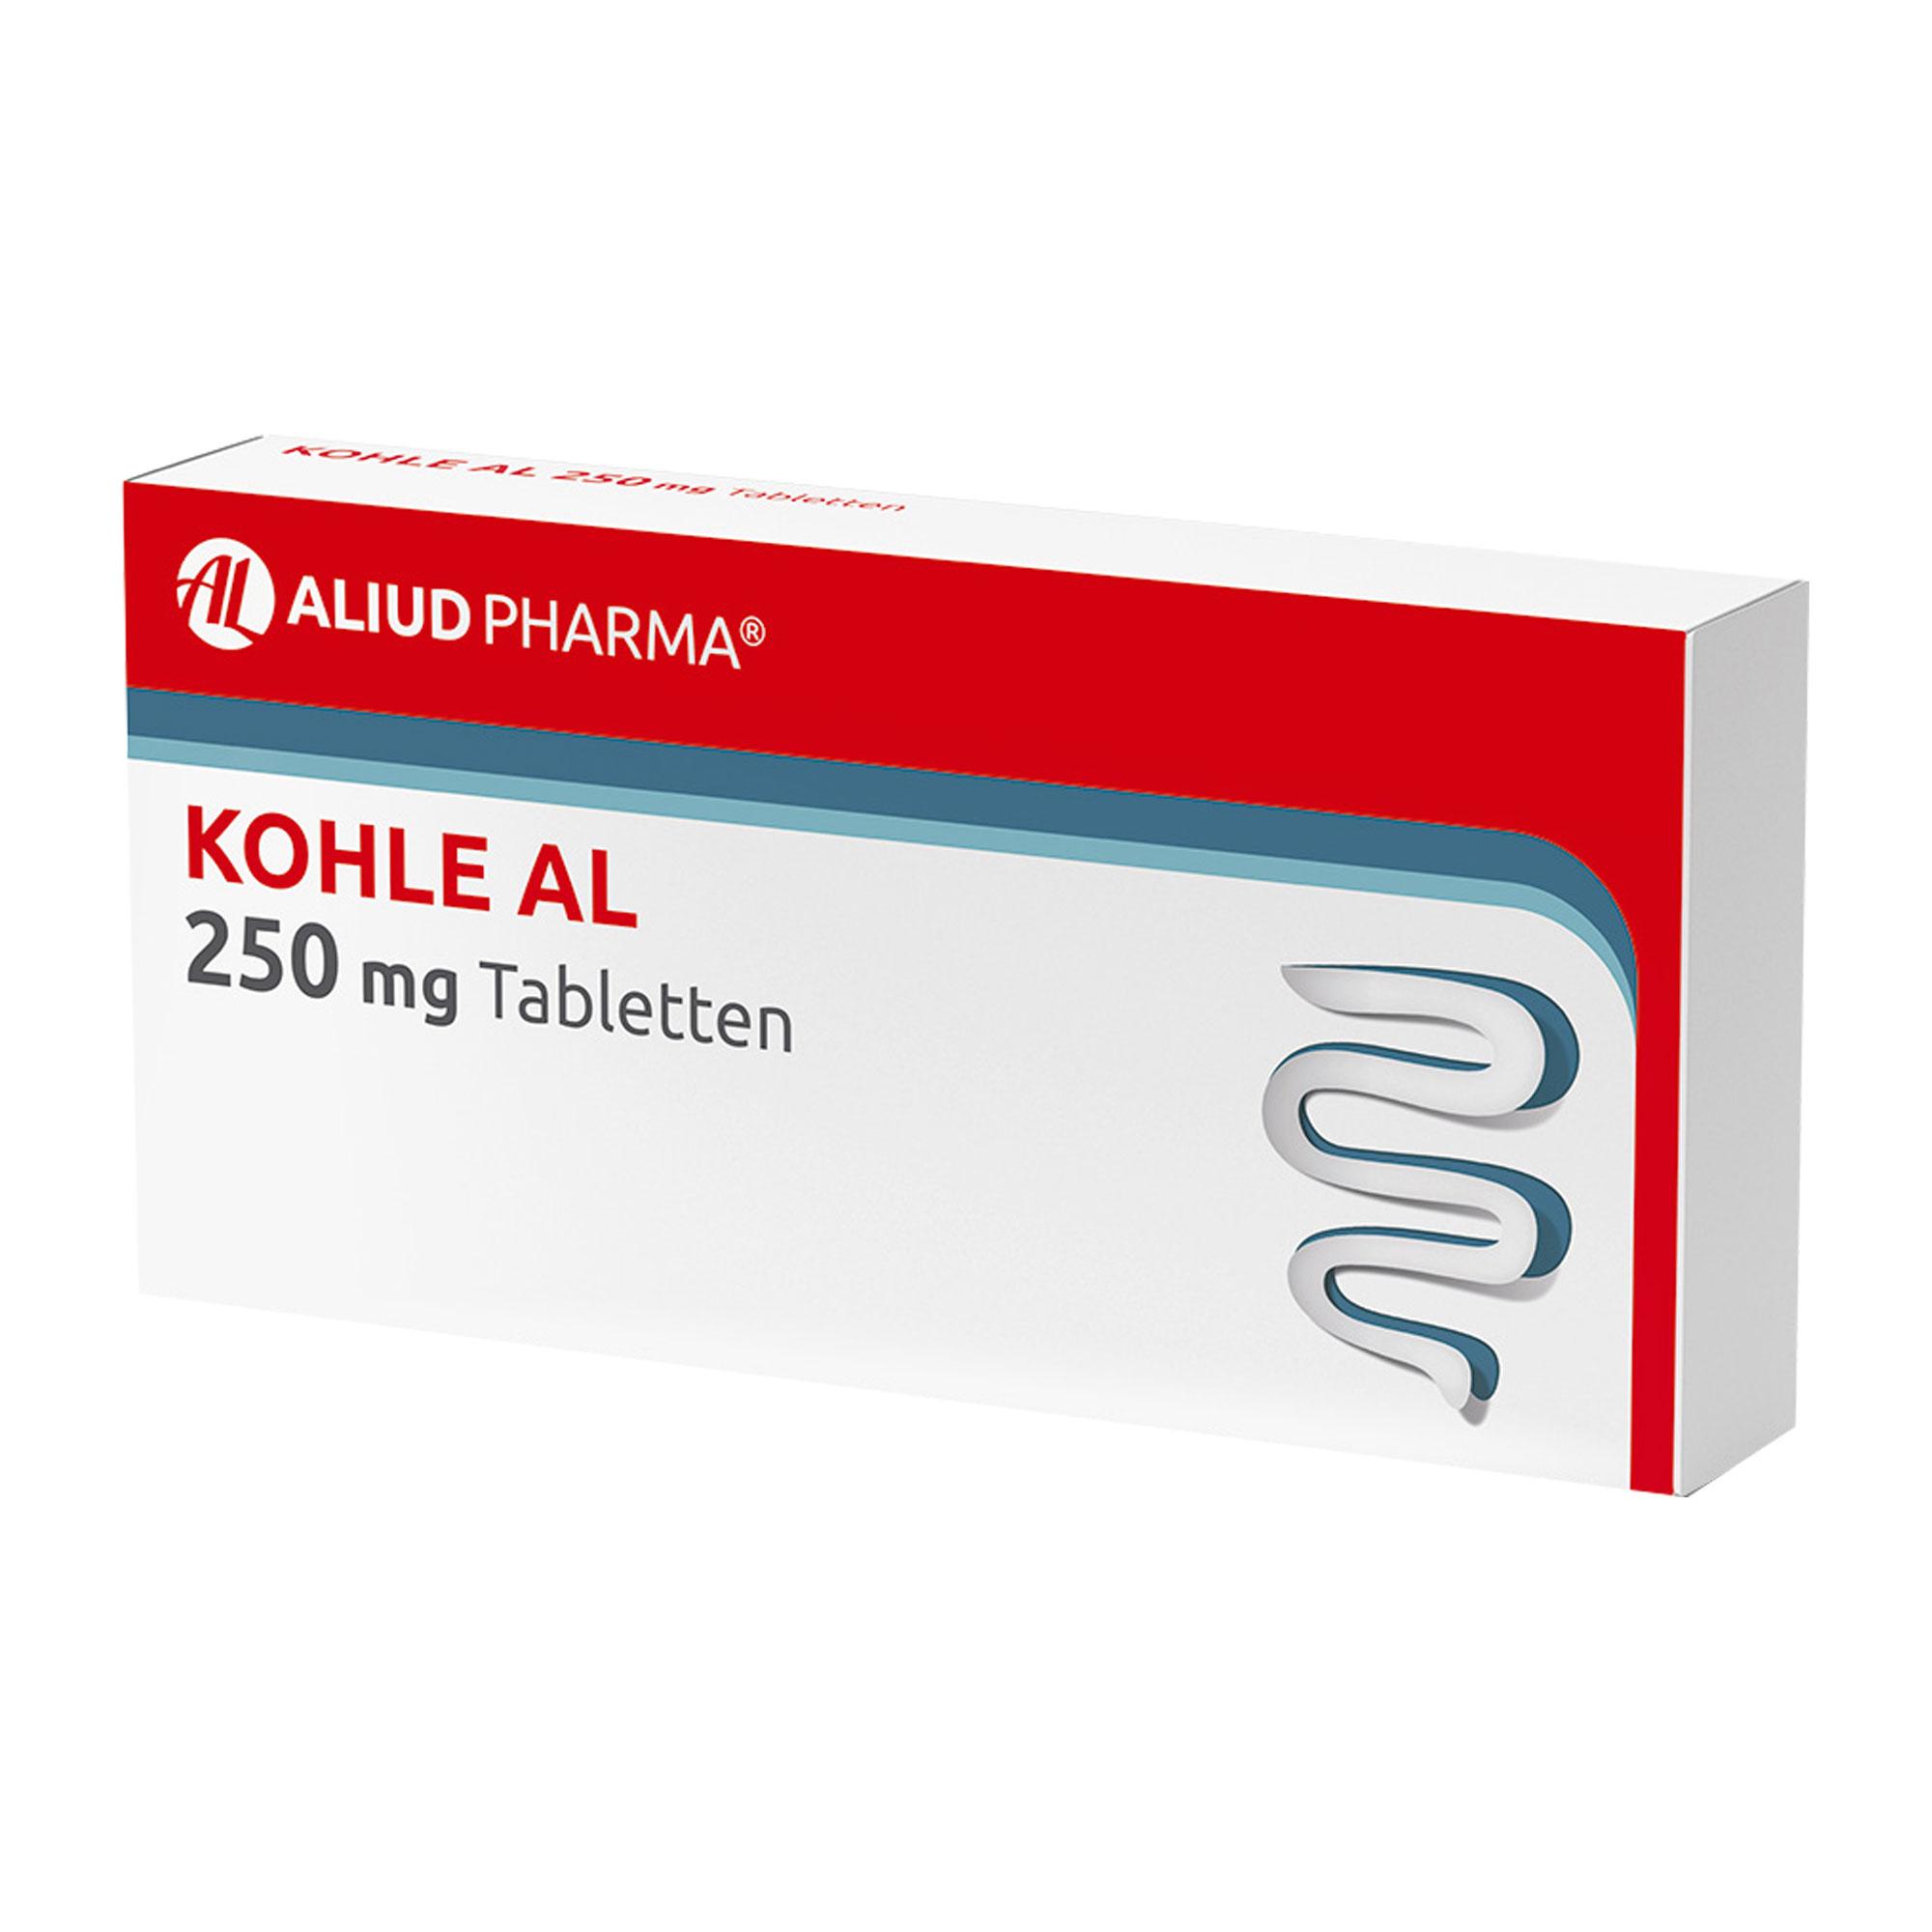 Kohle AL 250 mg Tabletten